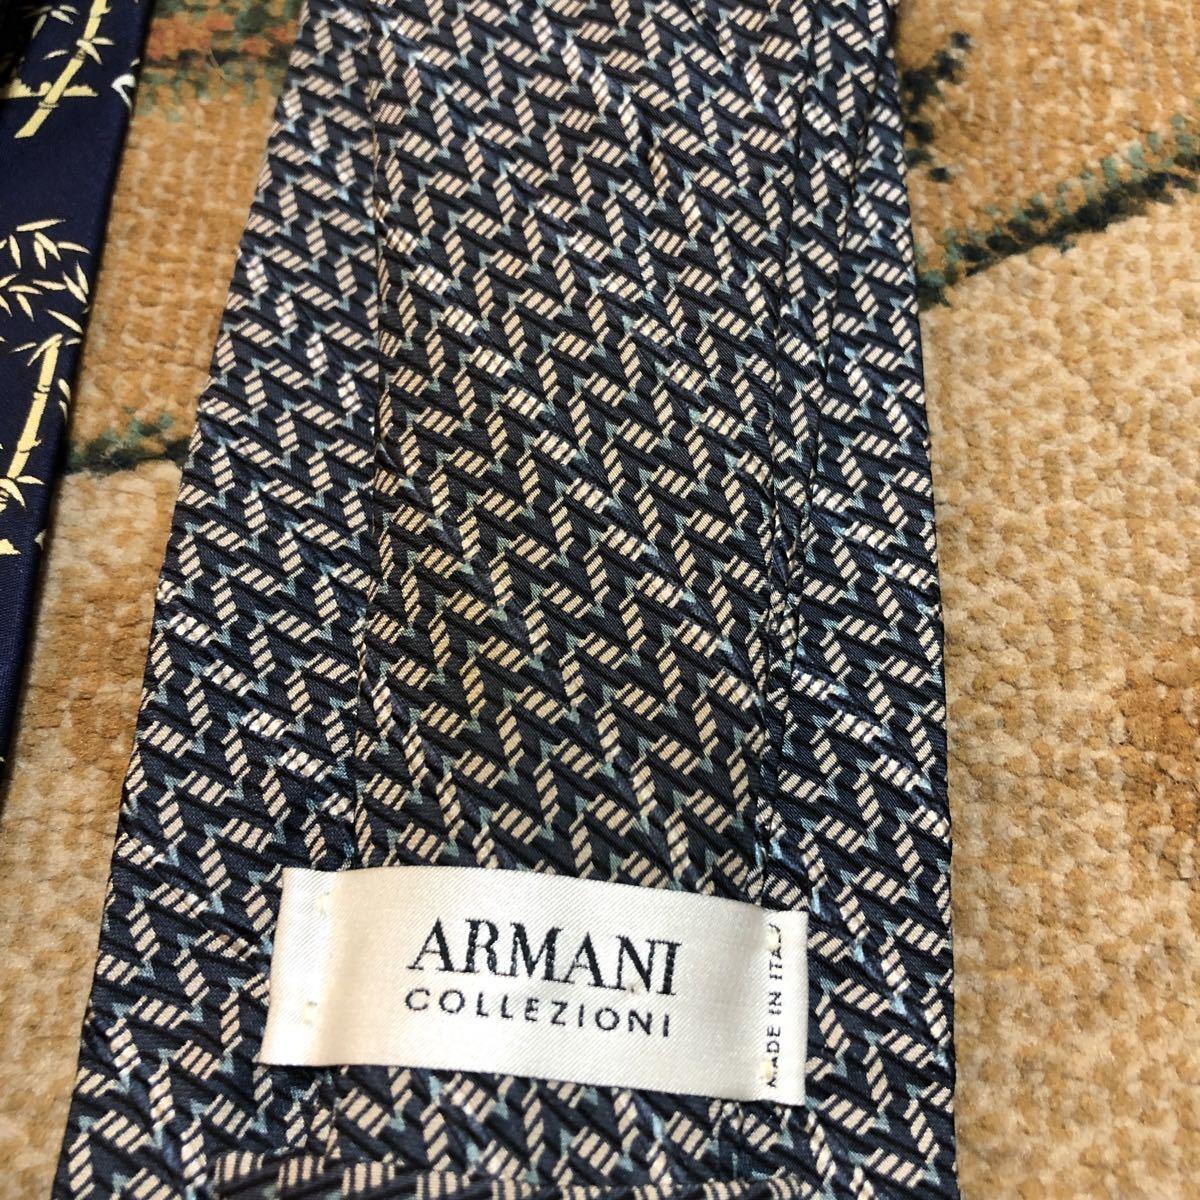 huge discount da49c b37d4 ARMANI アルマーニ ネクタイ 3本セット ジョルジオ エンポリオ パンダ